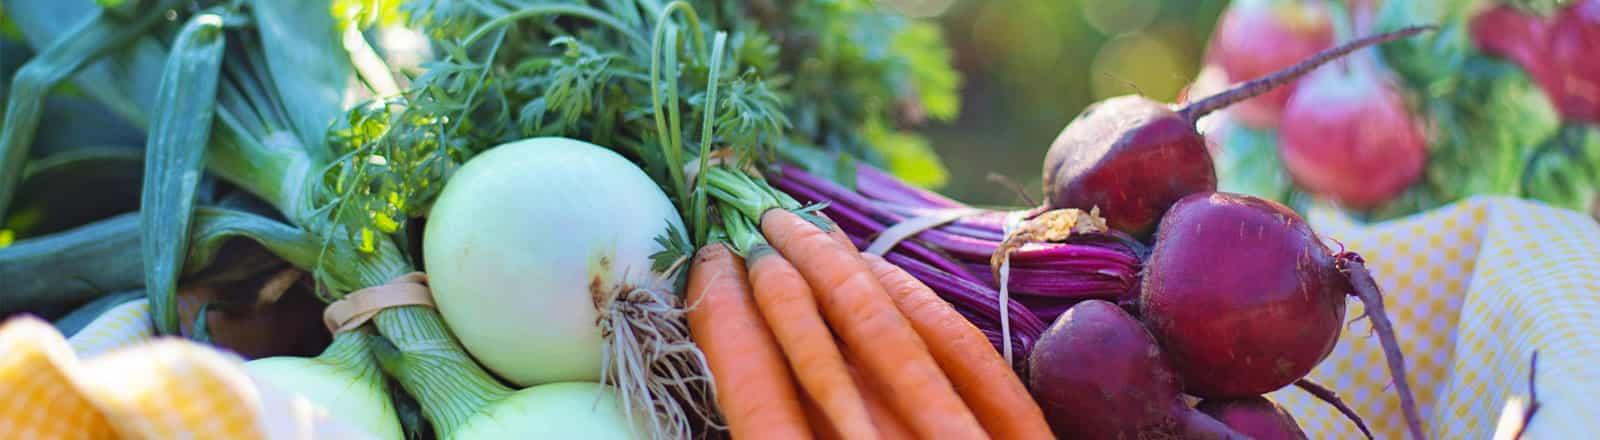 nutrición y visión general Logroño